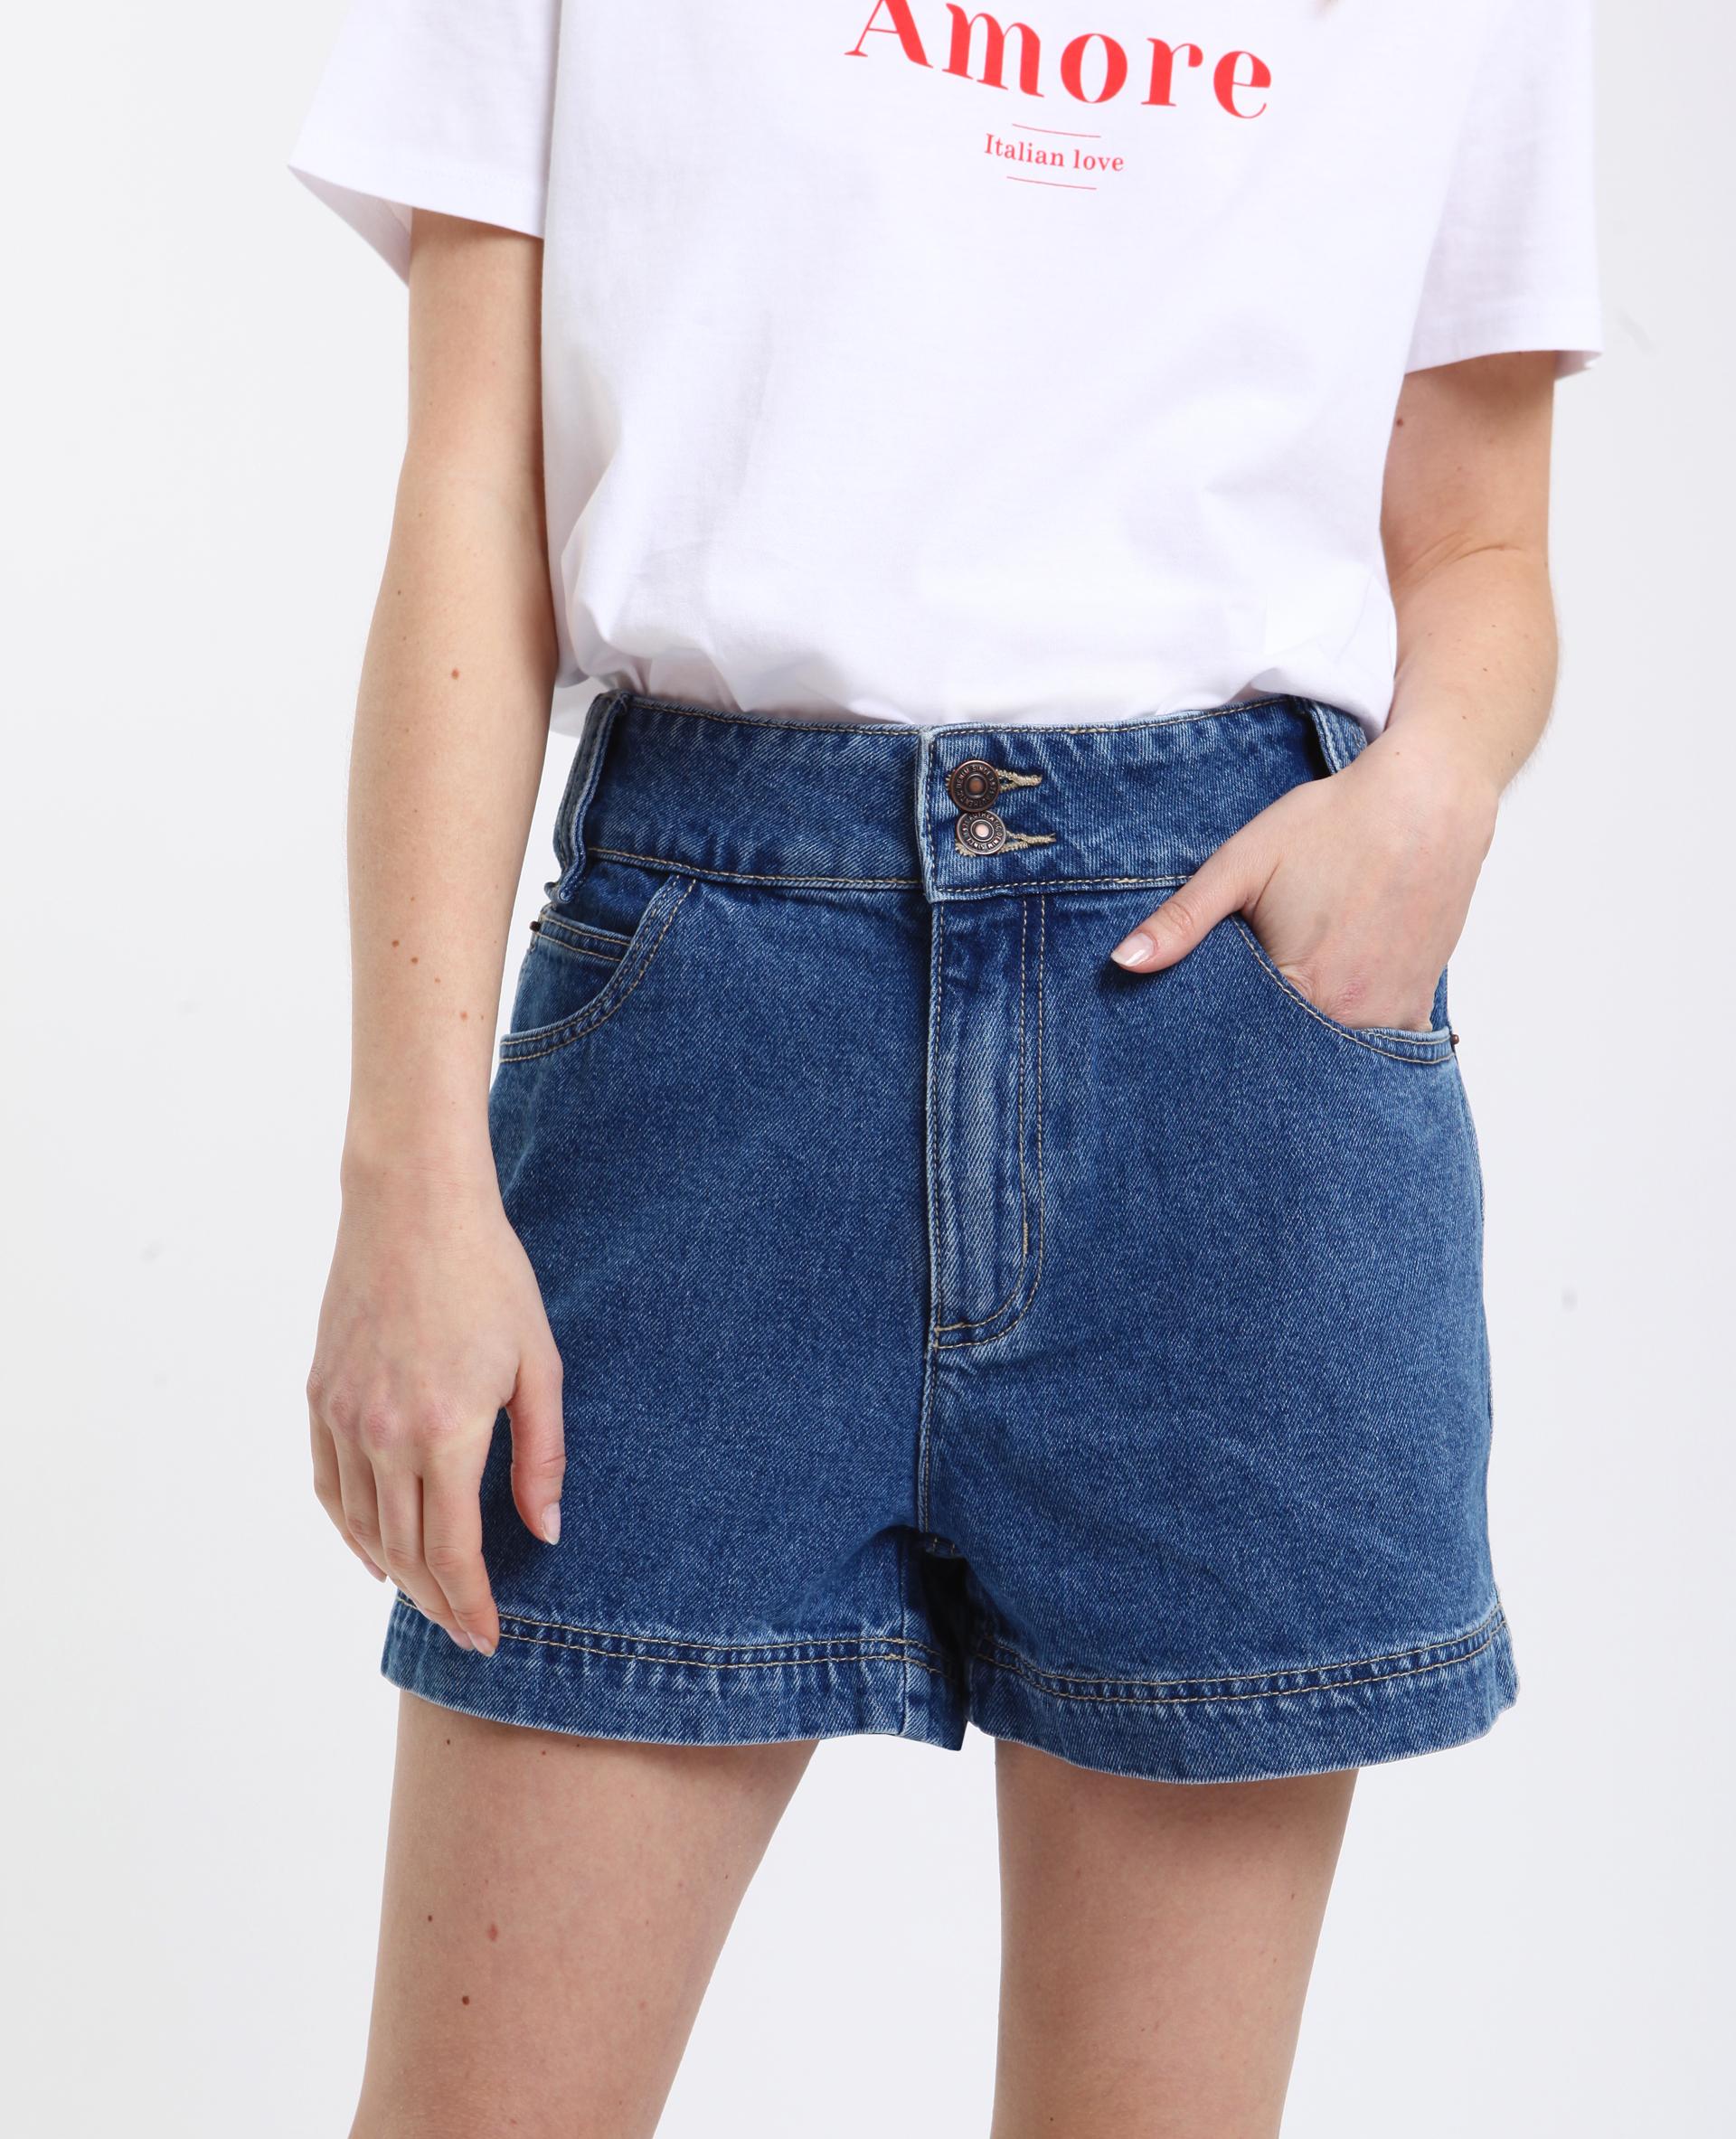 Jusqu'à 73% de réduction sur une sélection d'articles - Ex : Short en jean